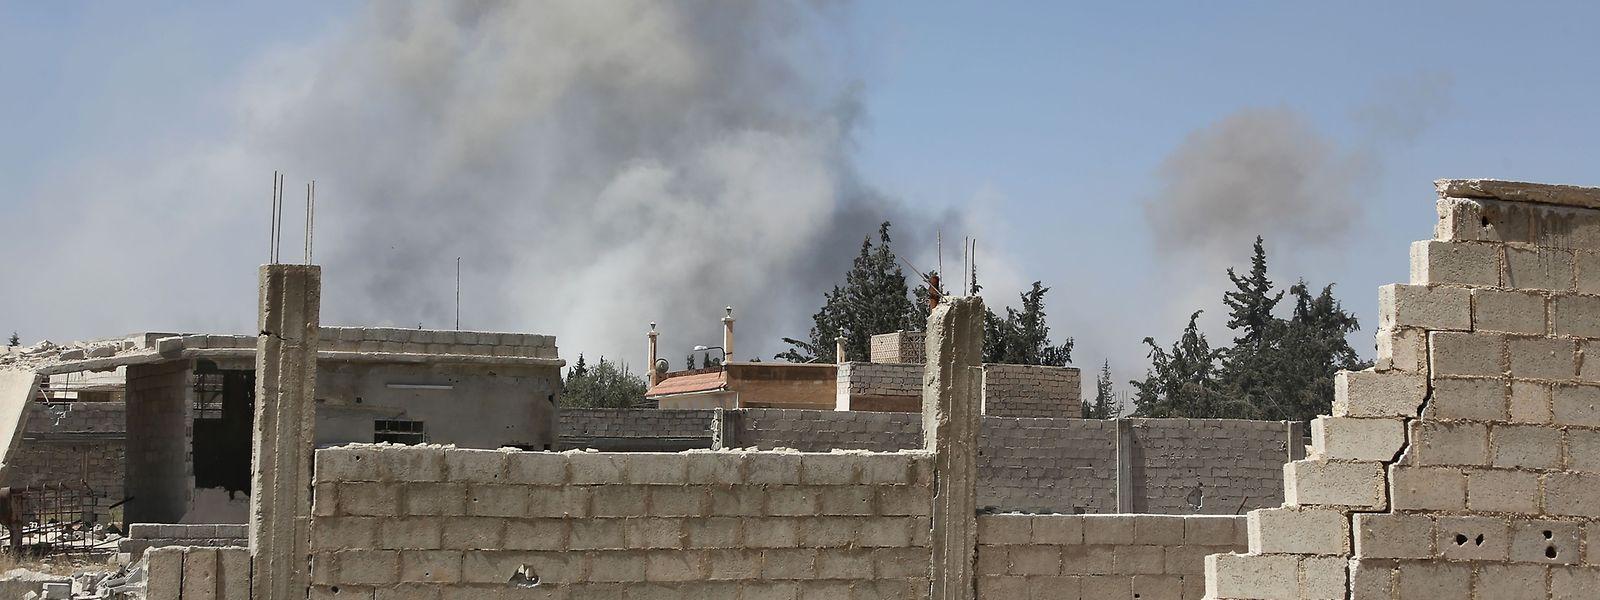 Die Stadt Duma liegt in Trümmern. Die letzten Rebellen sollen die Stadt sicher verlassen können.